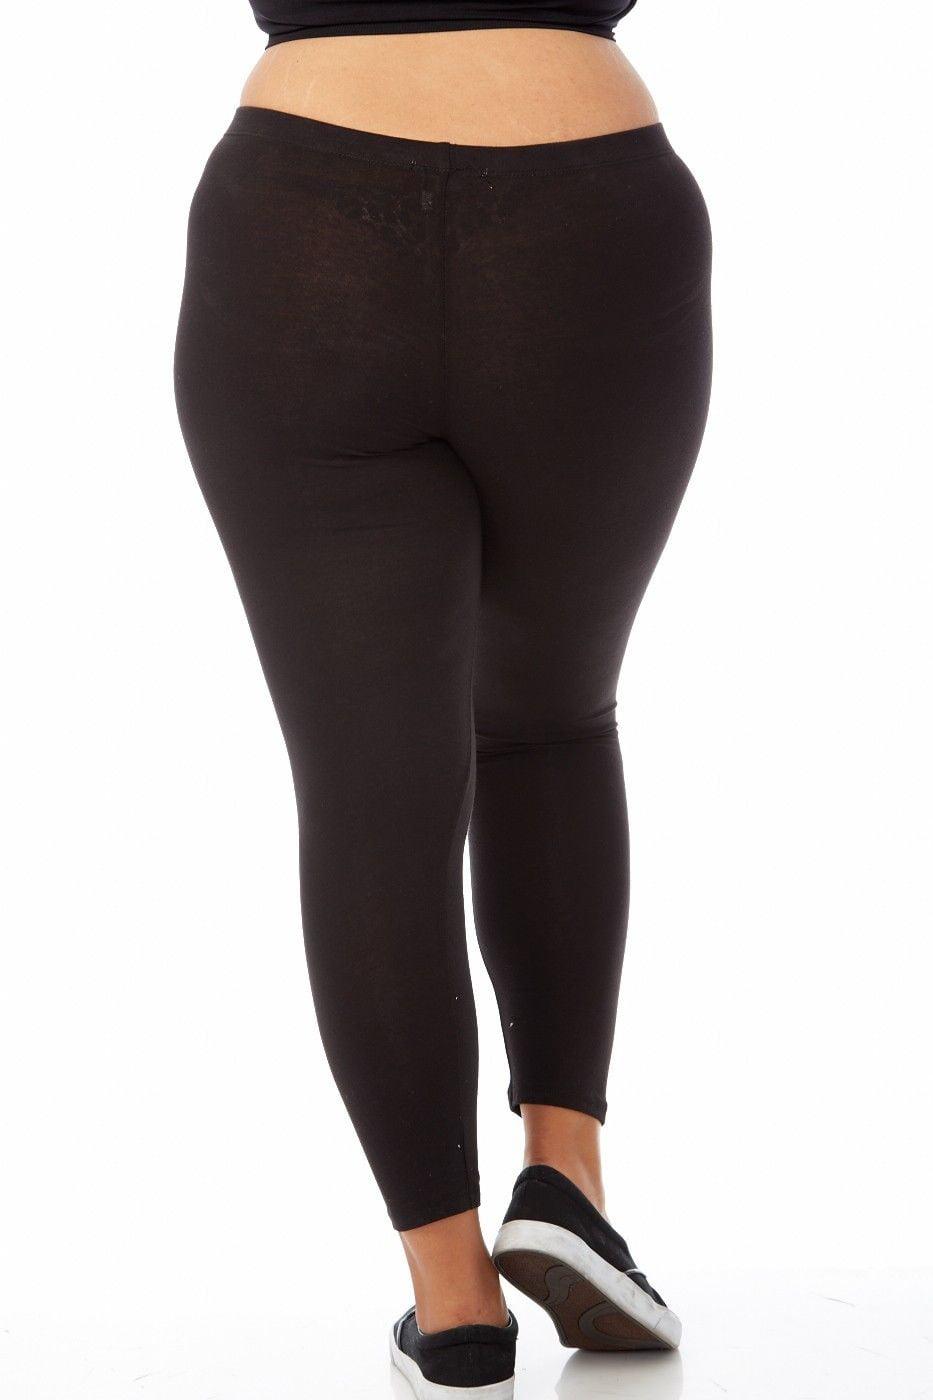 c8dca1ac81c Bozzolo - Womens Plus Size Comfy Basic Cotton Blend Plain Color Long  Leggings XB4003-XL-Black - Walmart.com